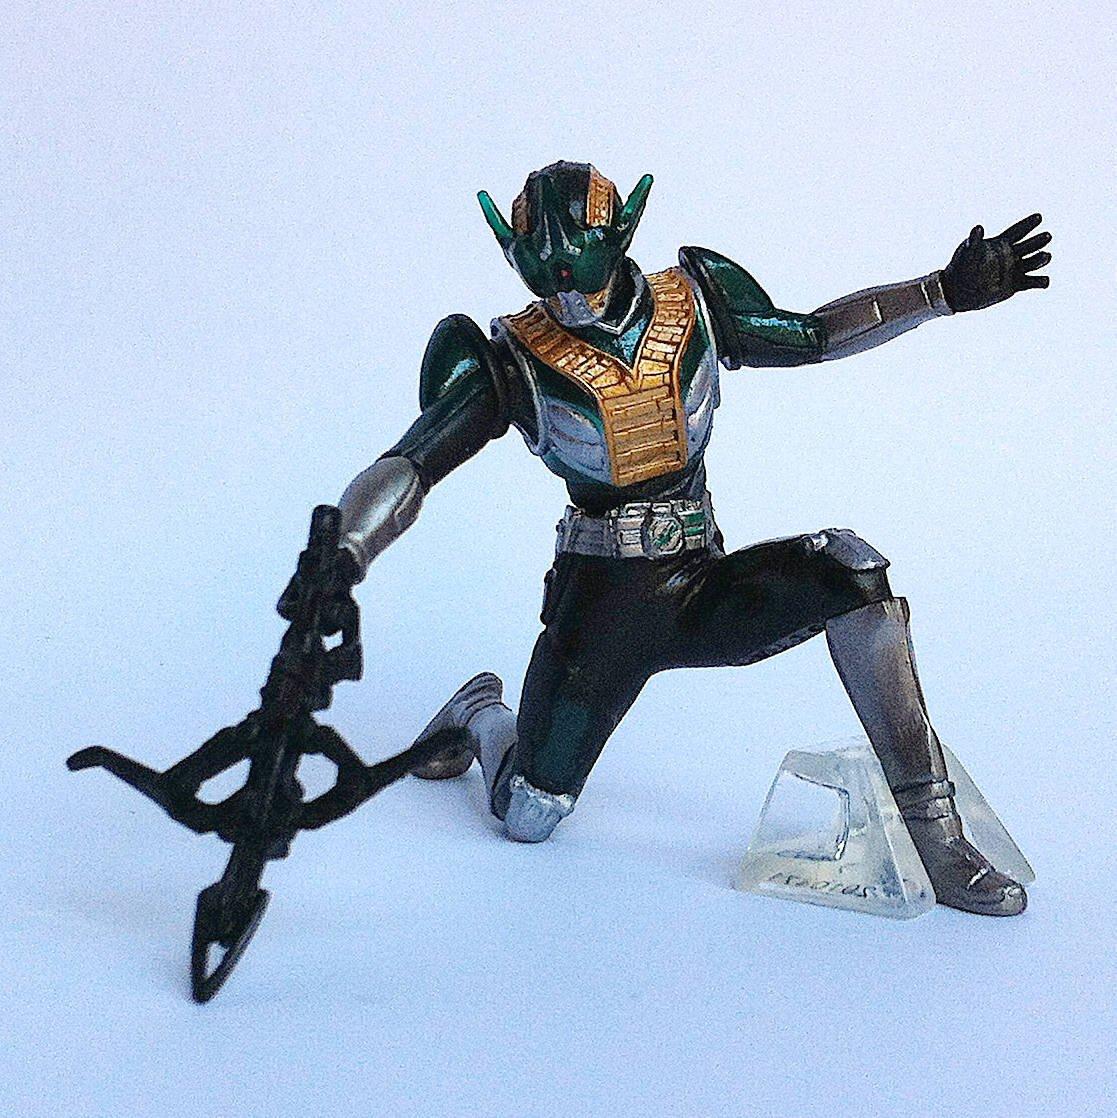 Kamen Rider Zeronos from HG Kamen Rider Den�O by Bandai